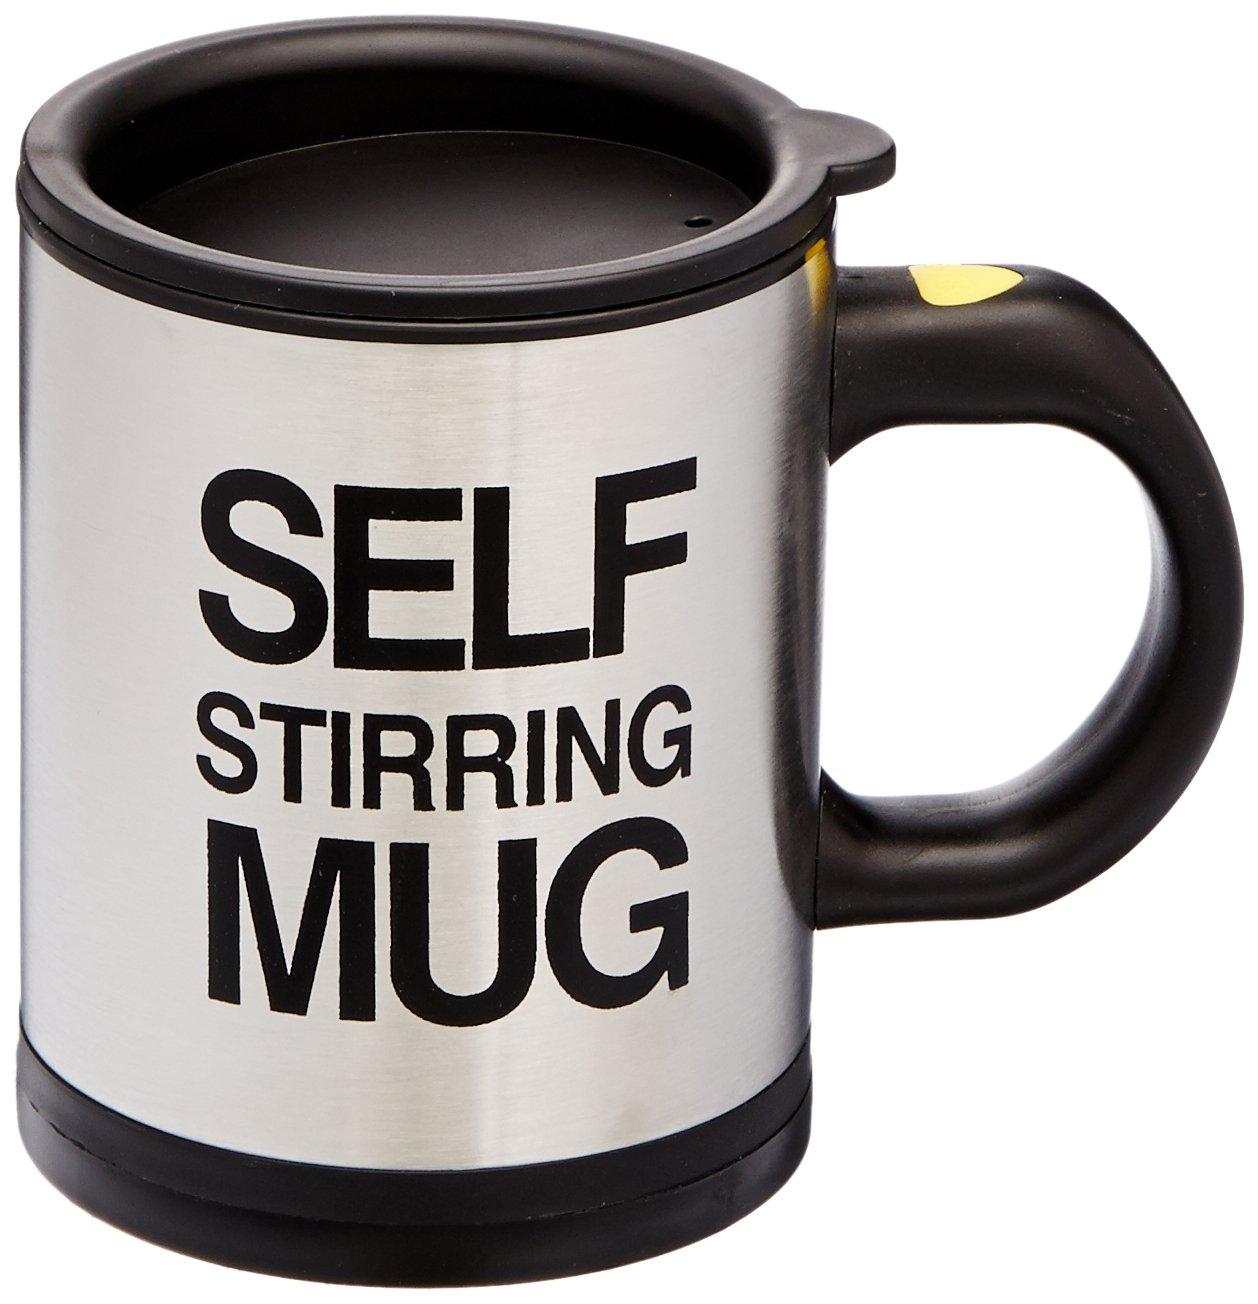 Bluw Self Stirring Mug 1325.7726.71